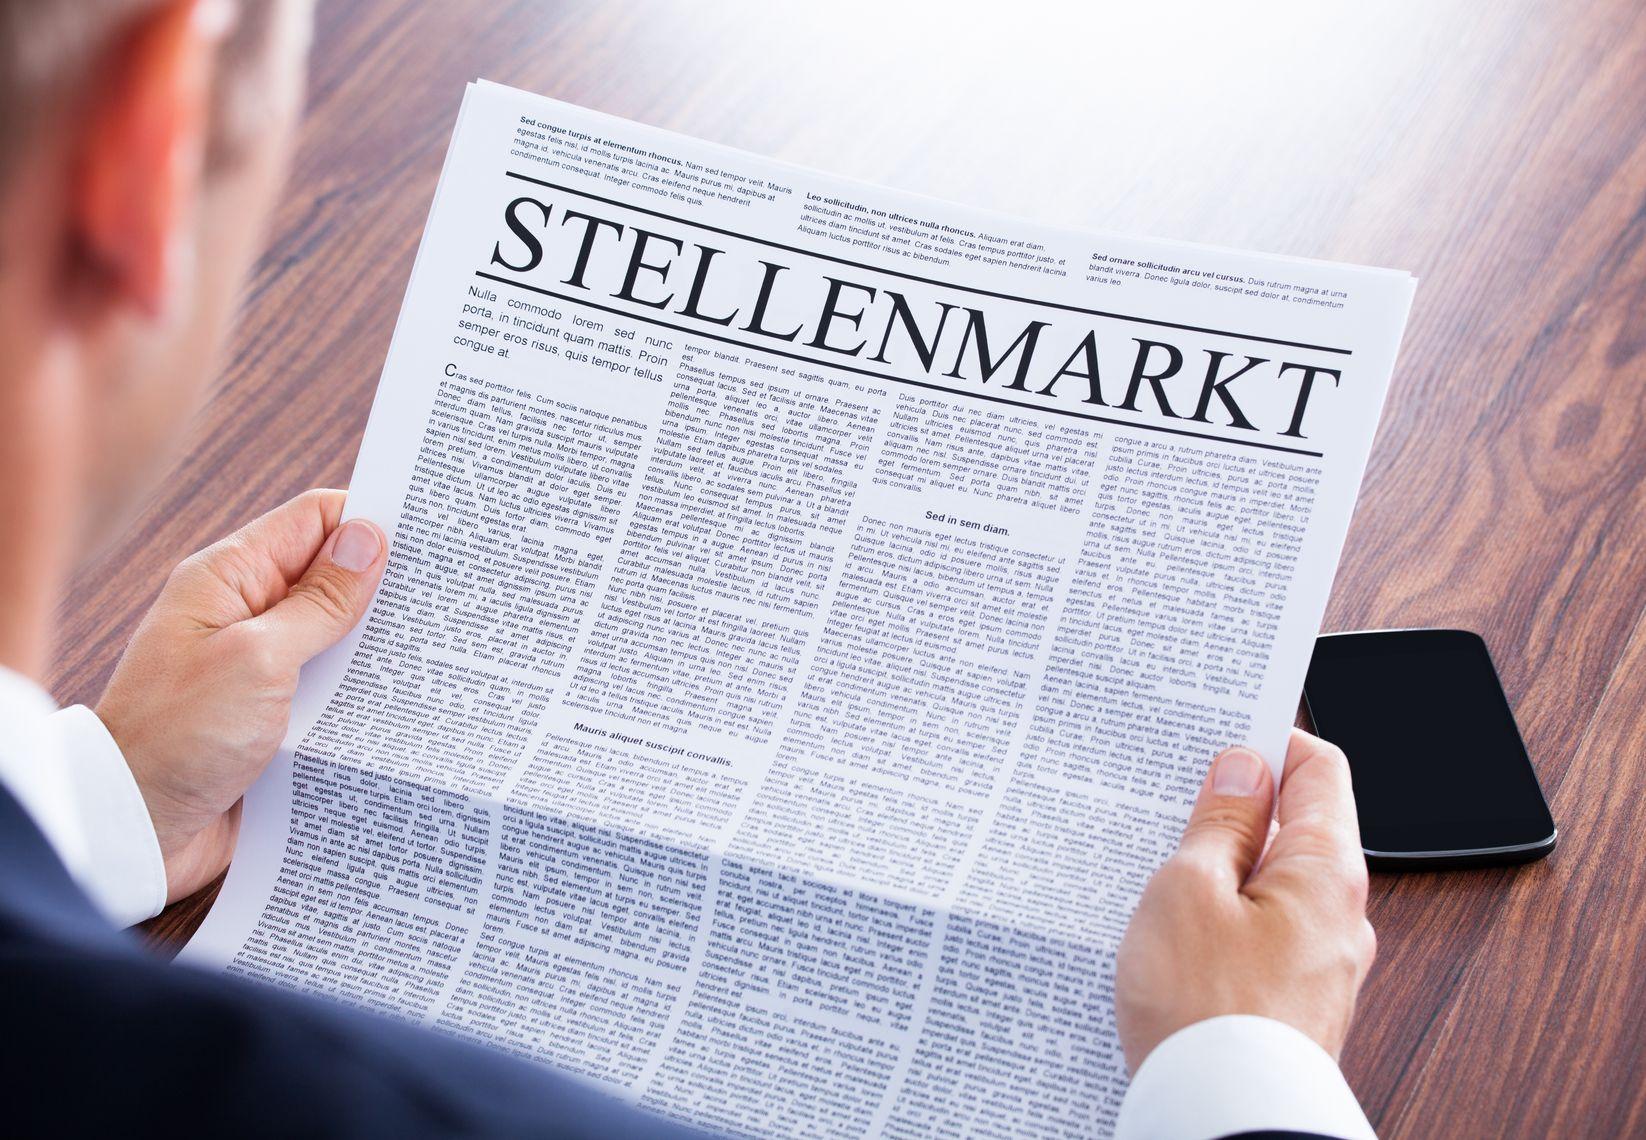 Mann schaut Zeitung mit Stellenmarkt an